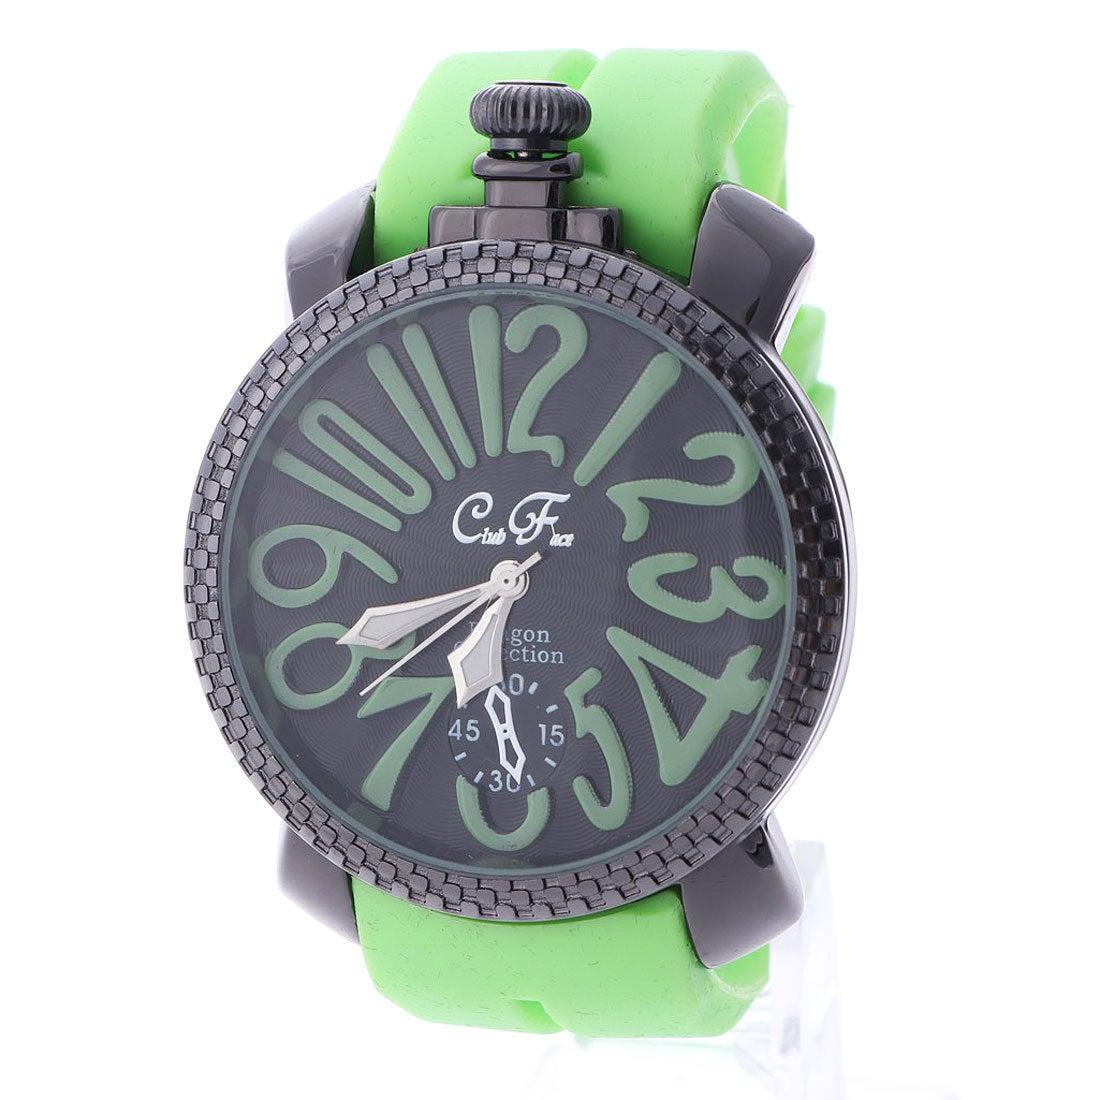 イタリコ ITALICO 【専用ケース付き】トップリューズ式ビッグフェイス腕時計 ラバーベルト47mm (C(グリーン))